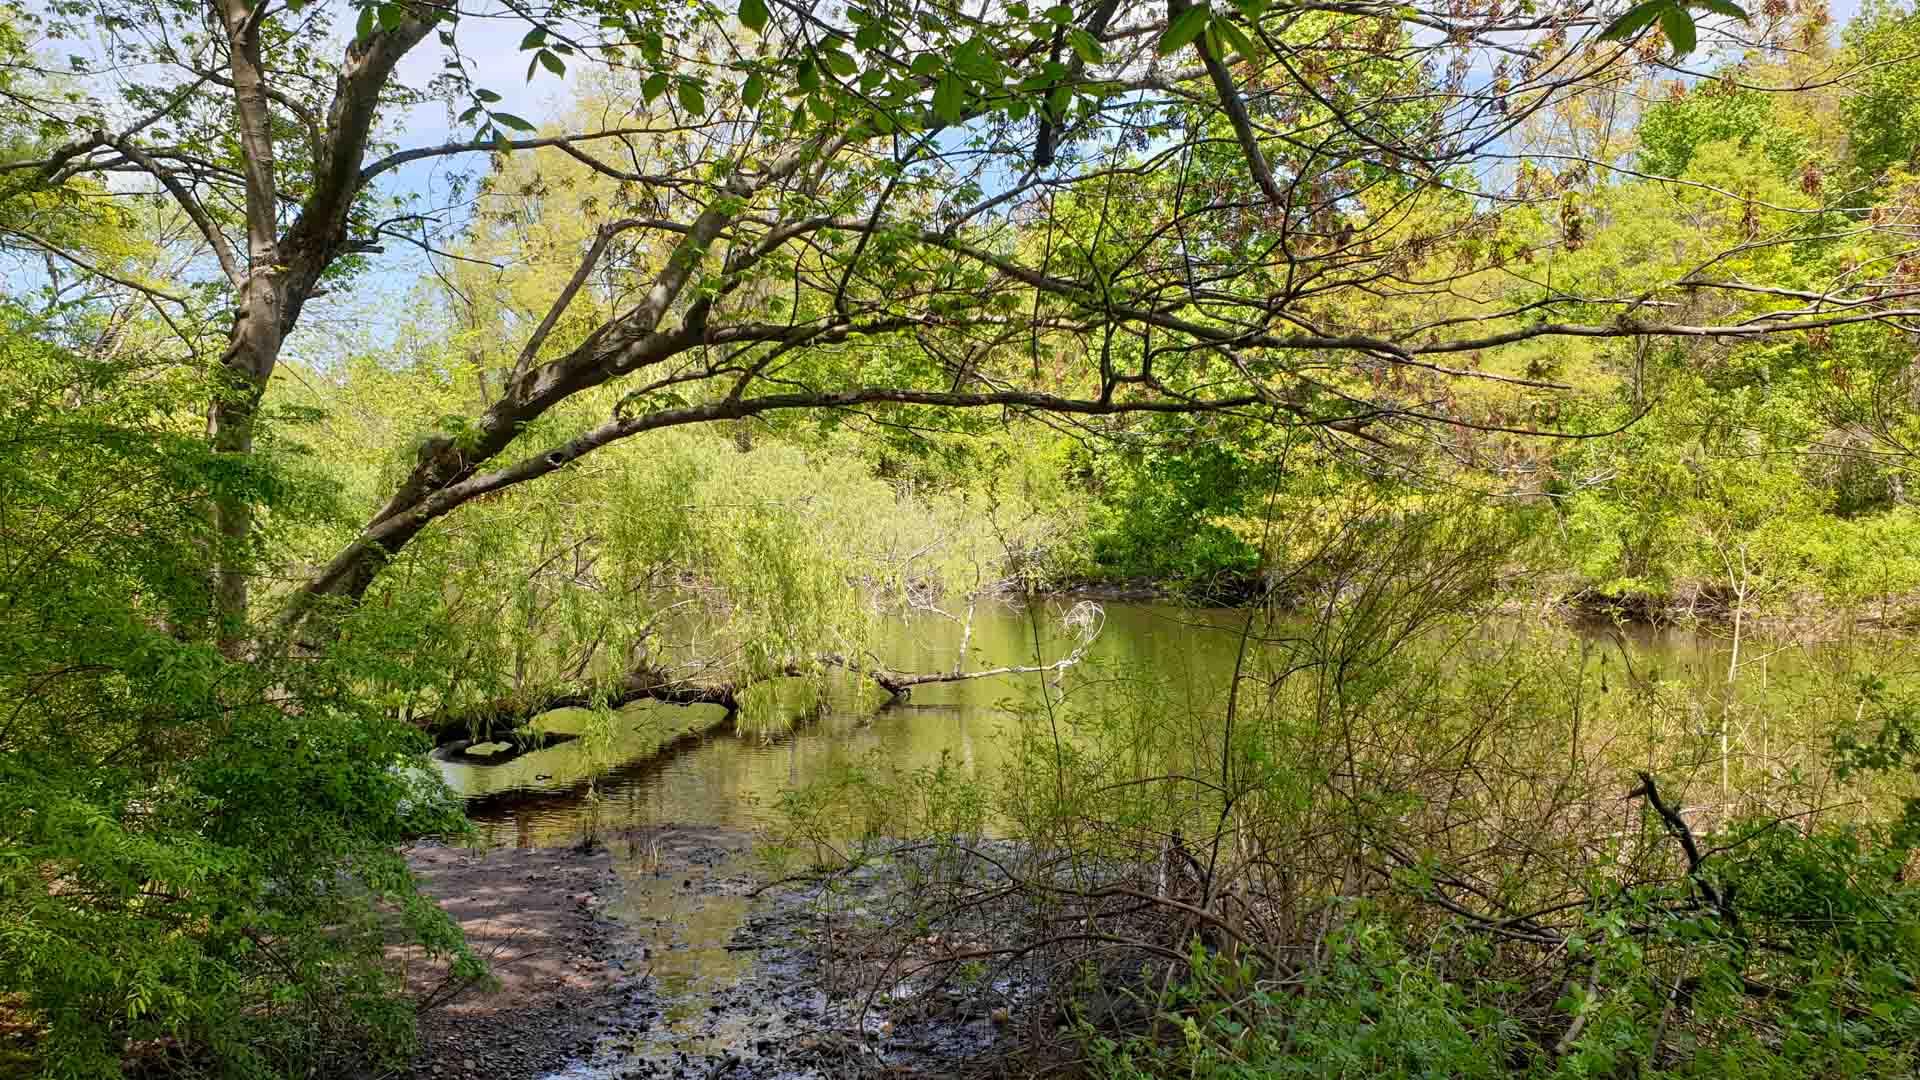 Río Mill en East Rock Park, New Haven, Connecticut